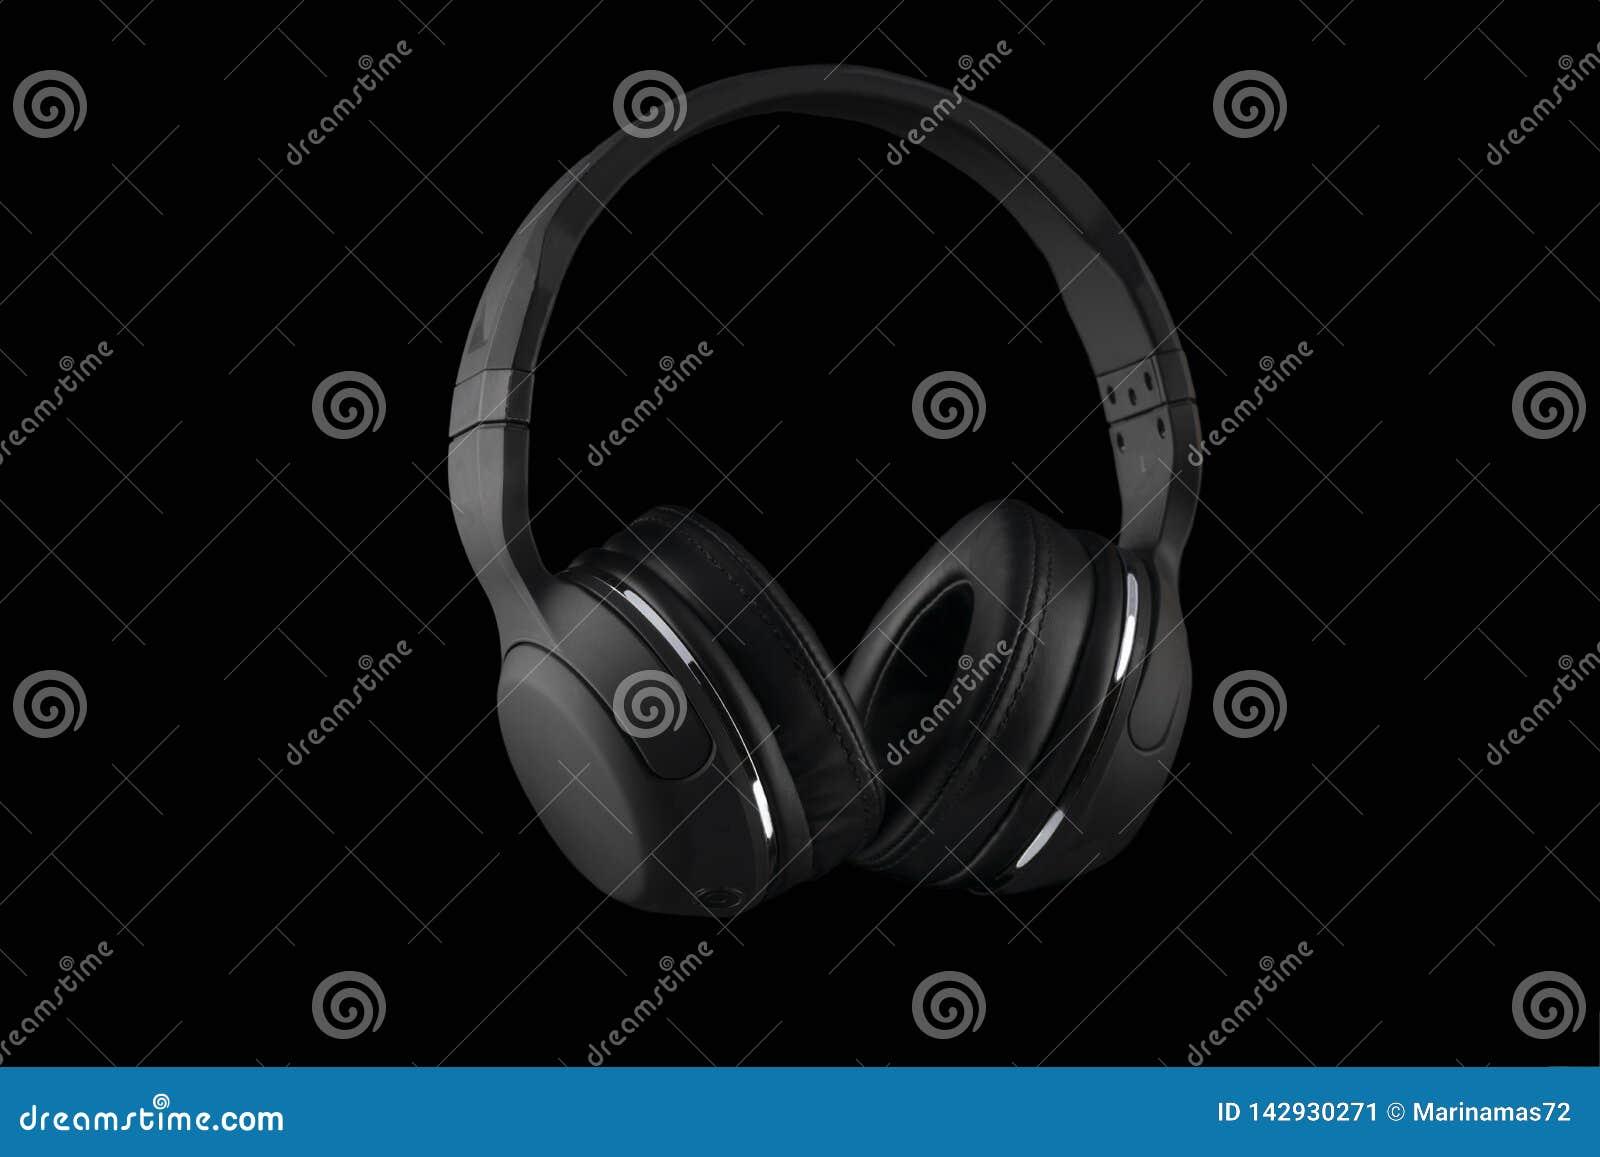 Auriculares inalámbricos negros aislados en un fondo negro